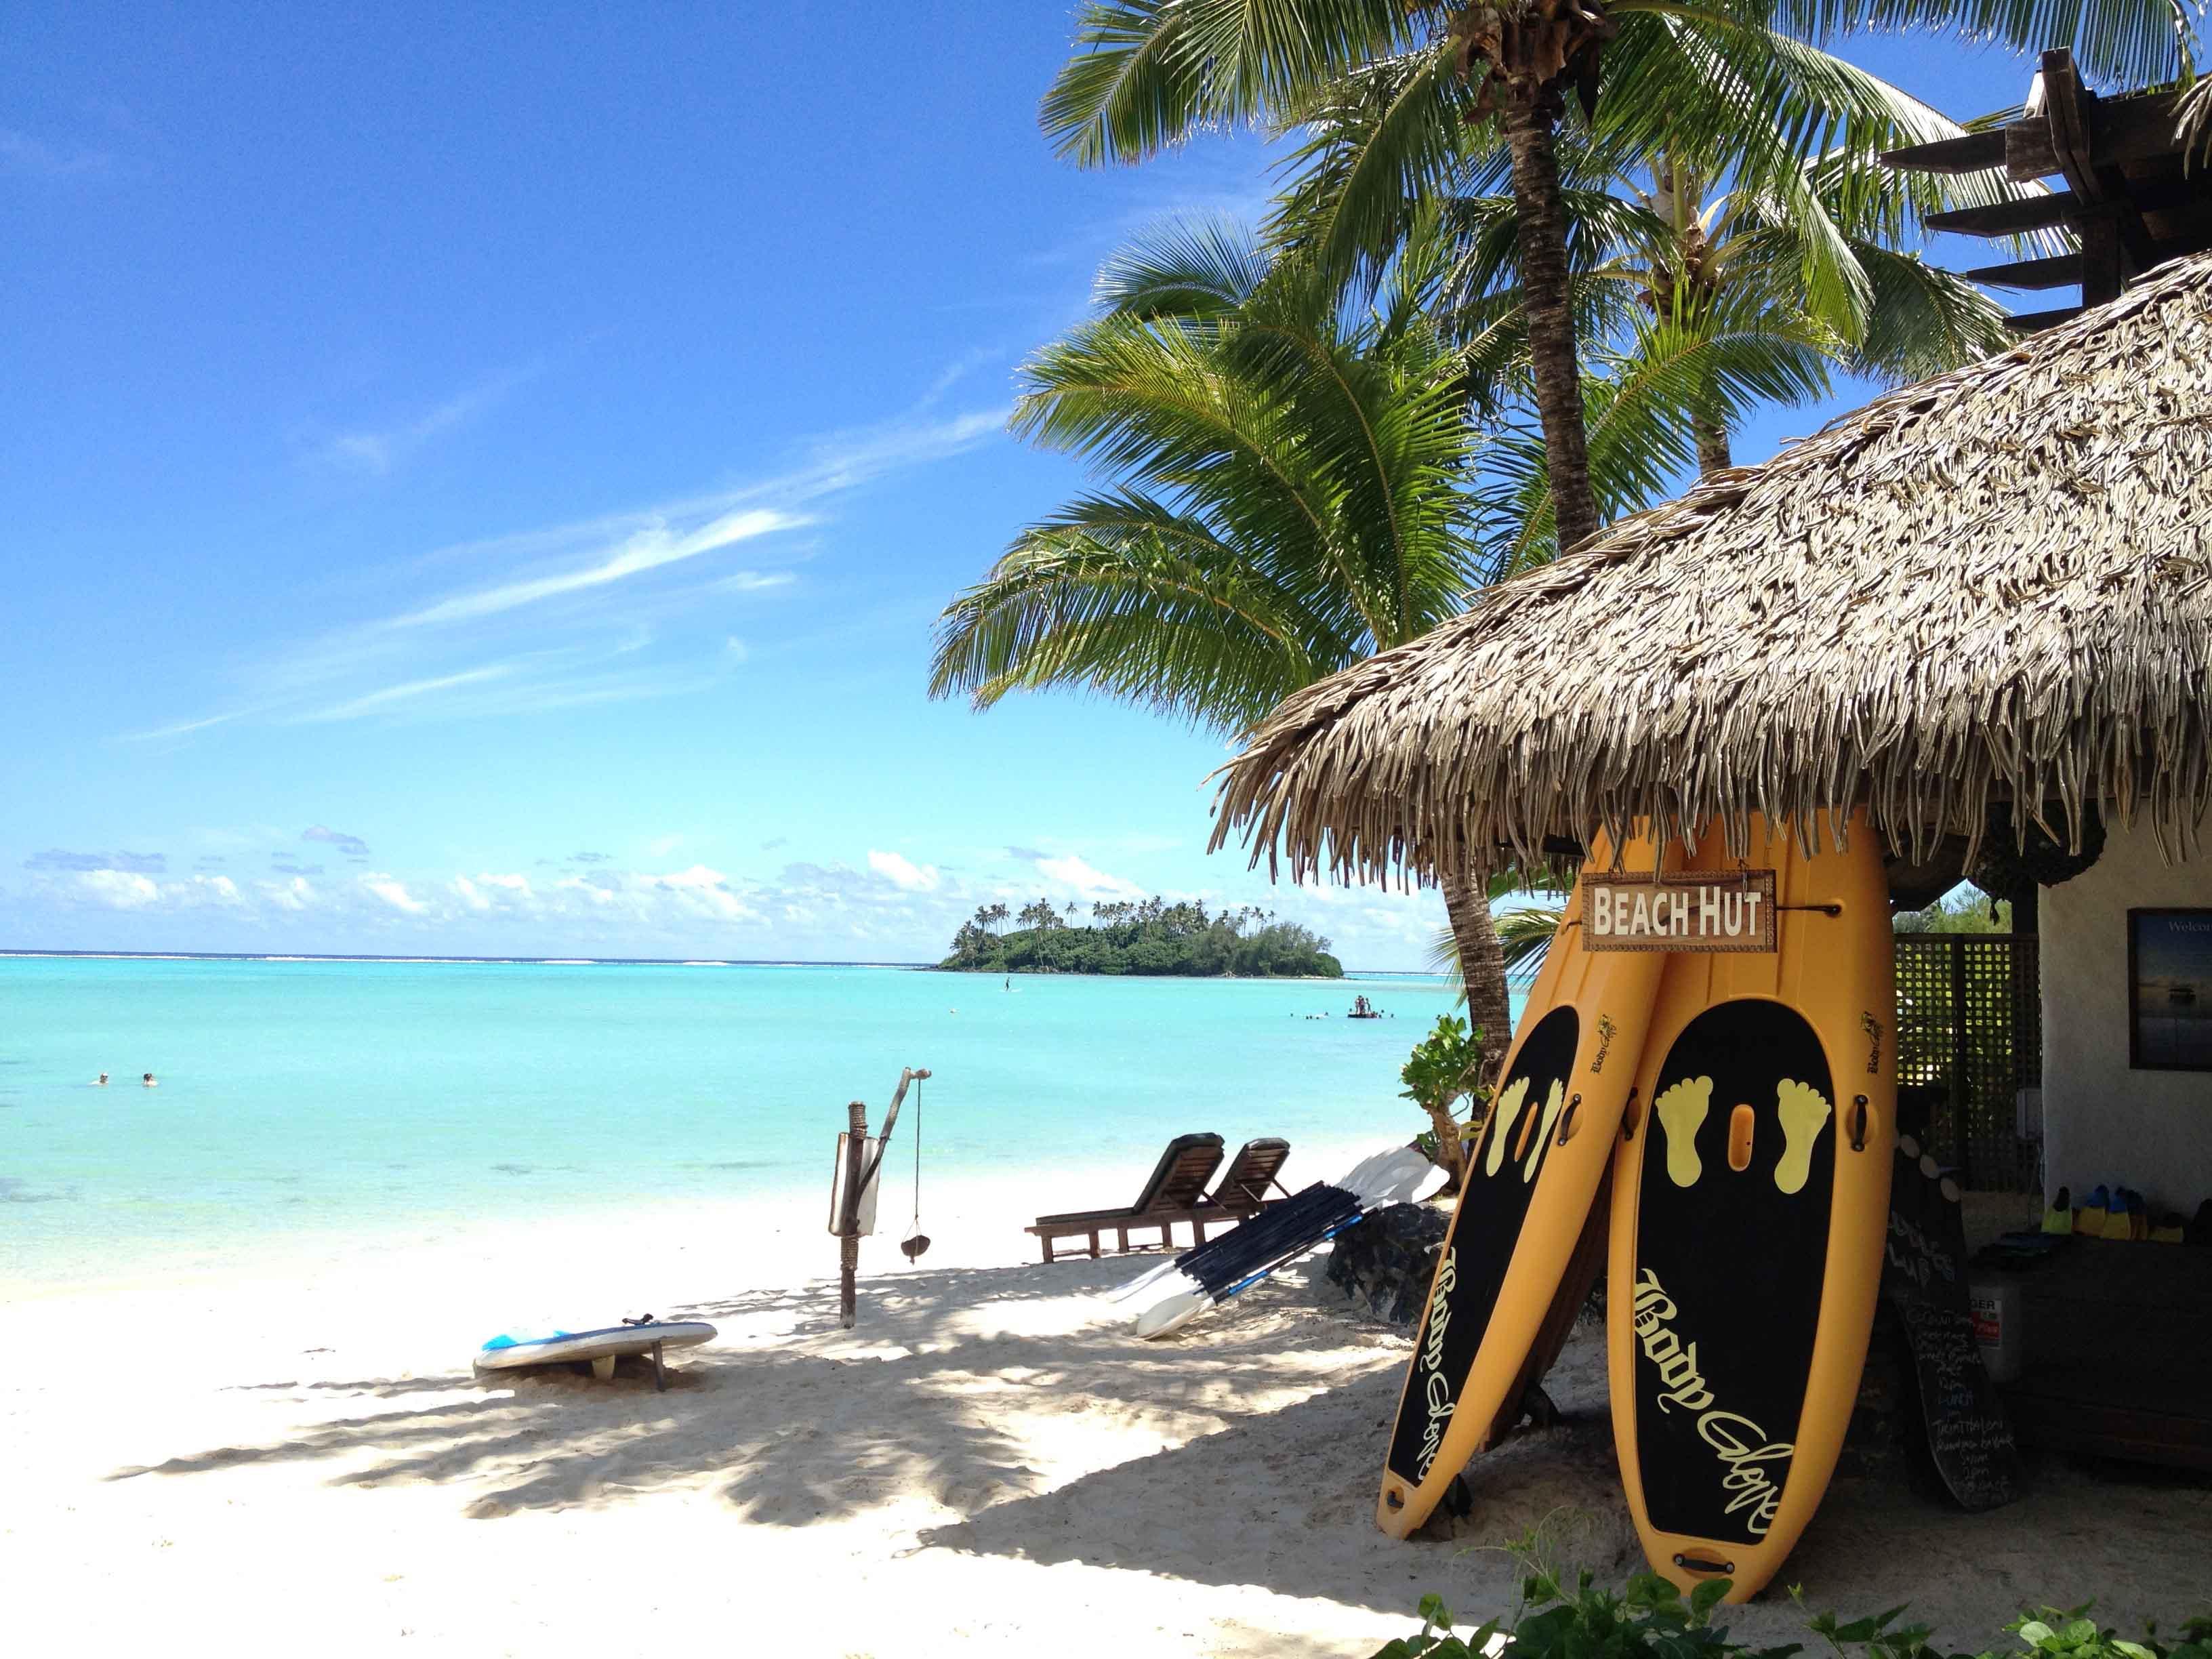 Rarotonga beach hut photo